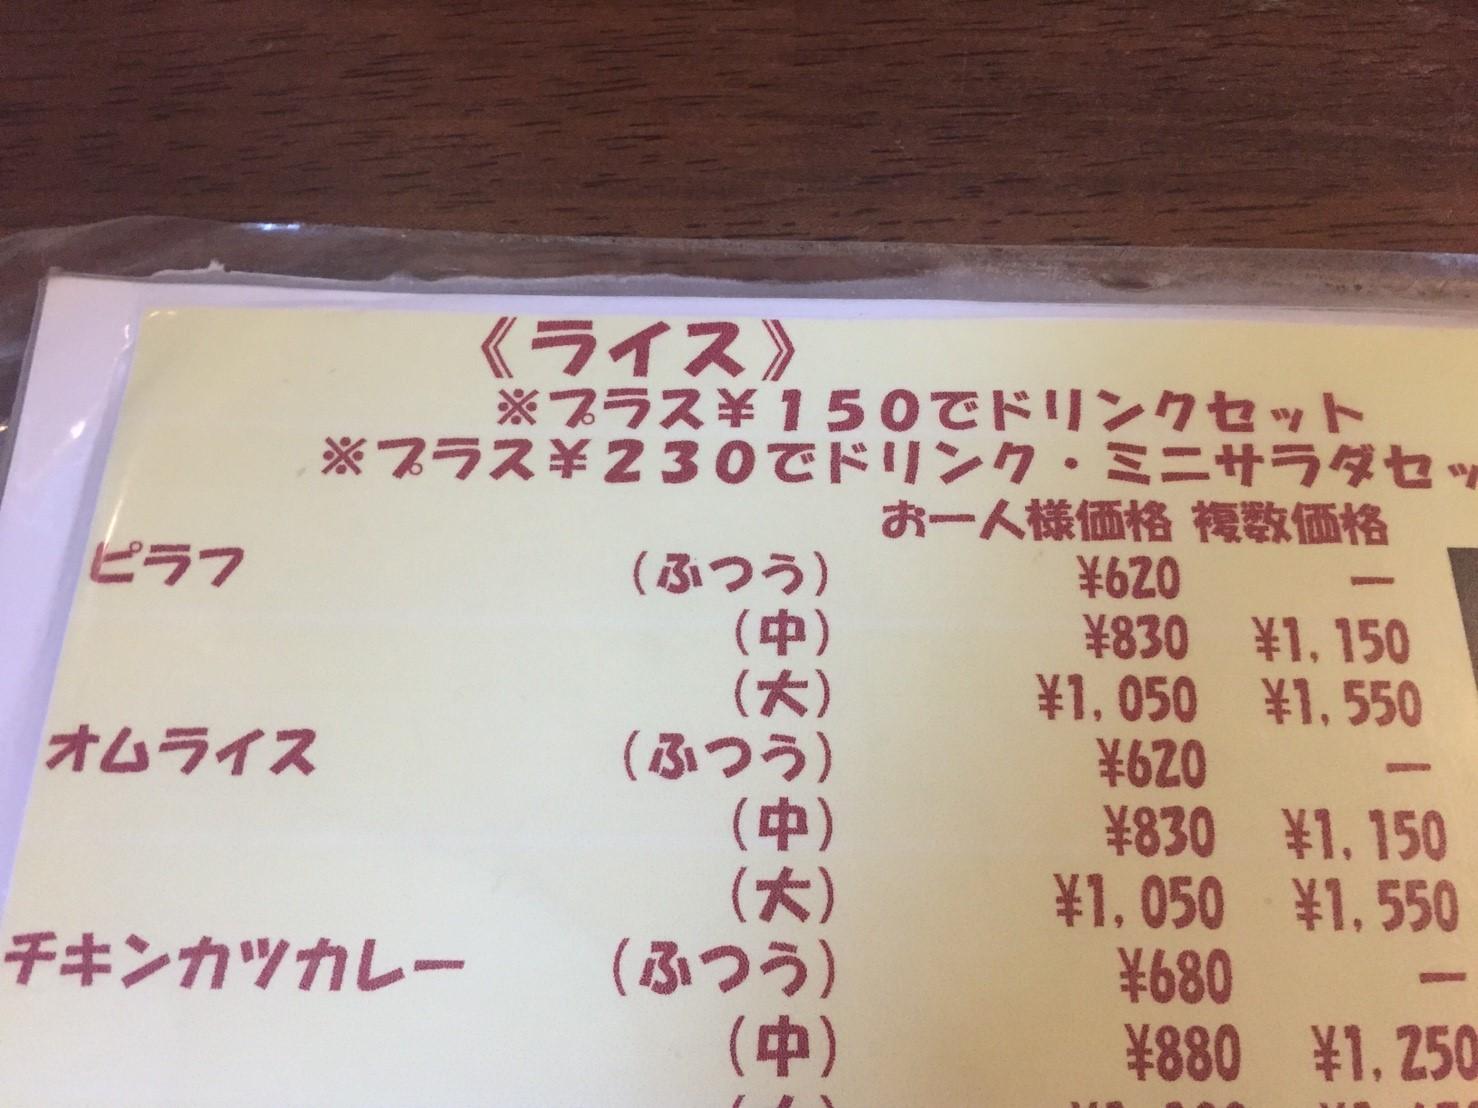 レストラン  べるしい  FINAL_e0115904_01022866.jpg